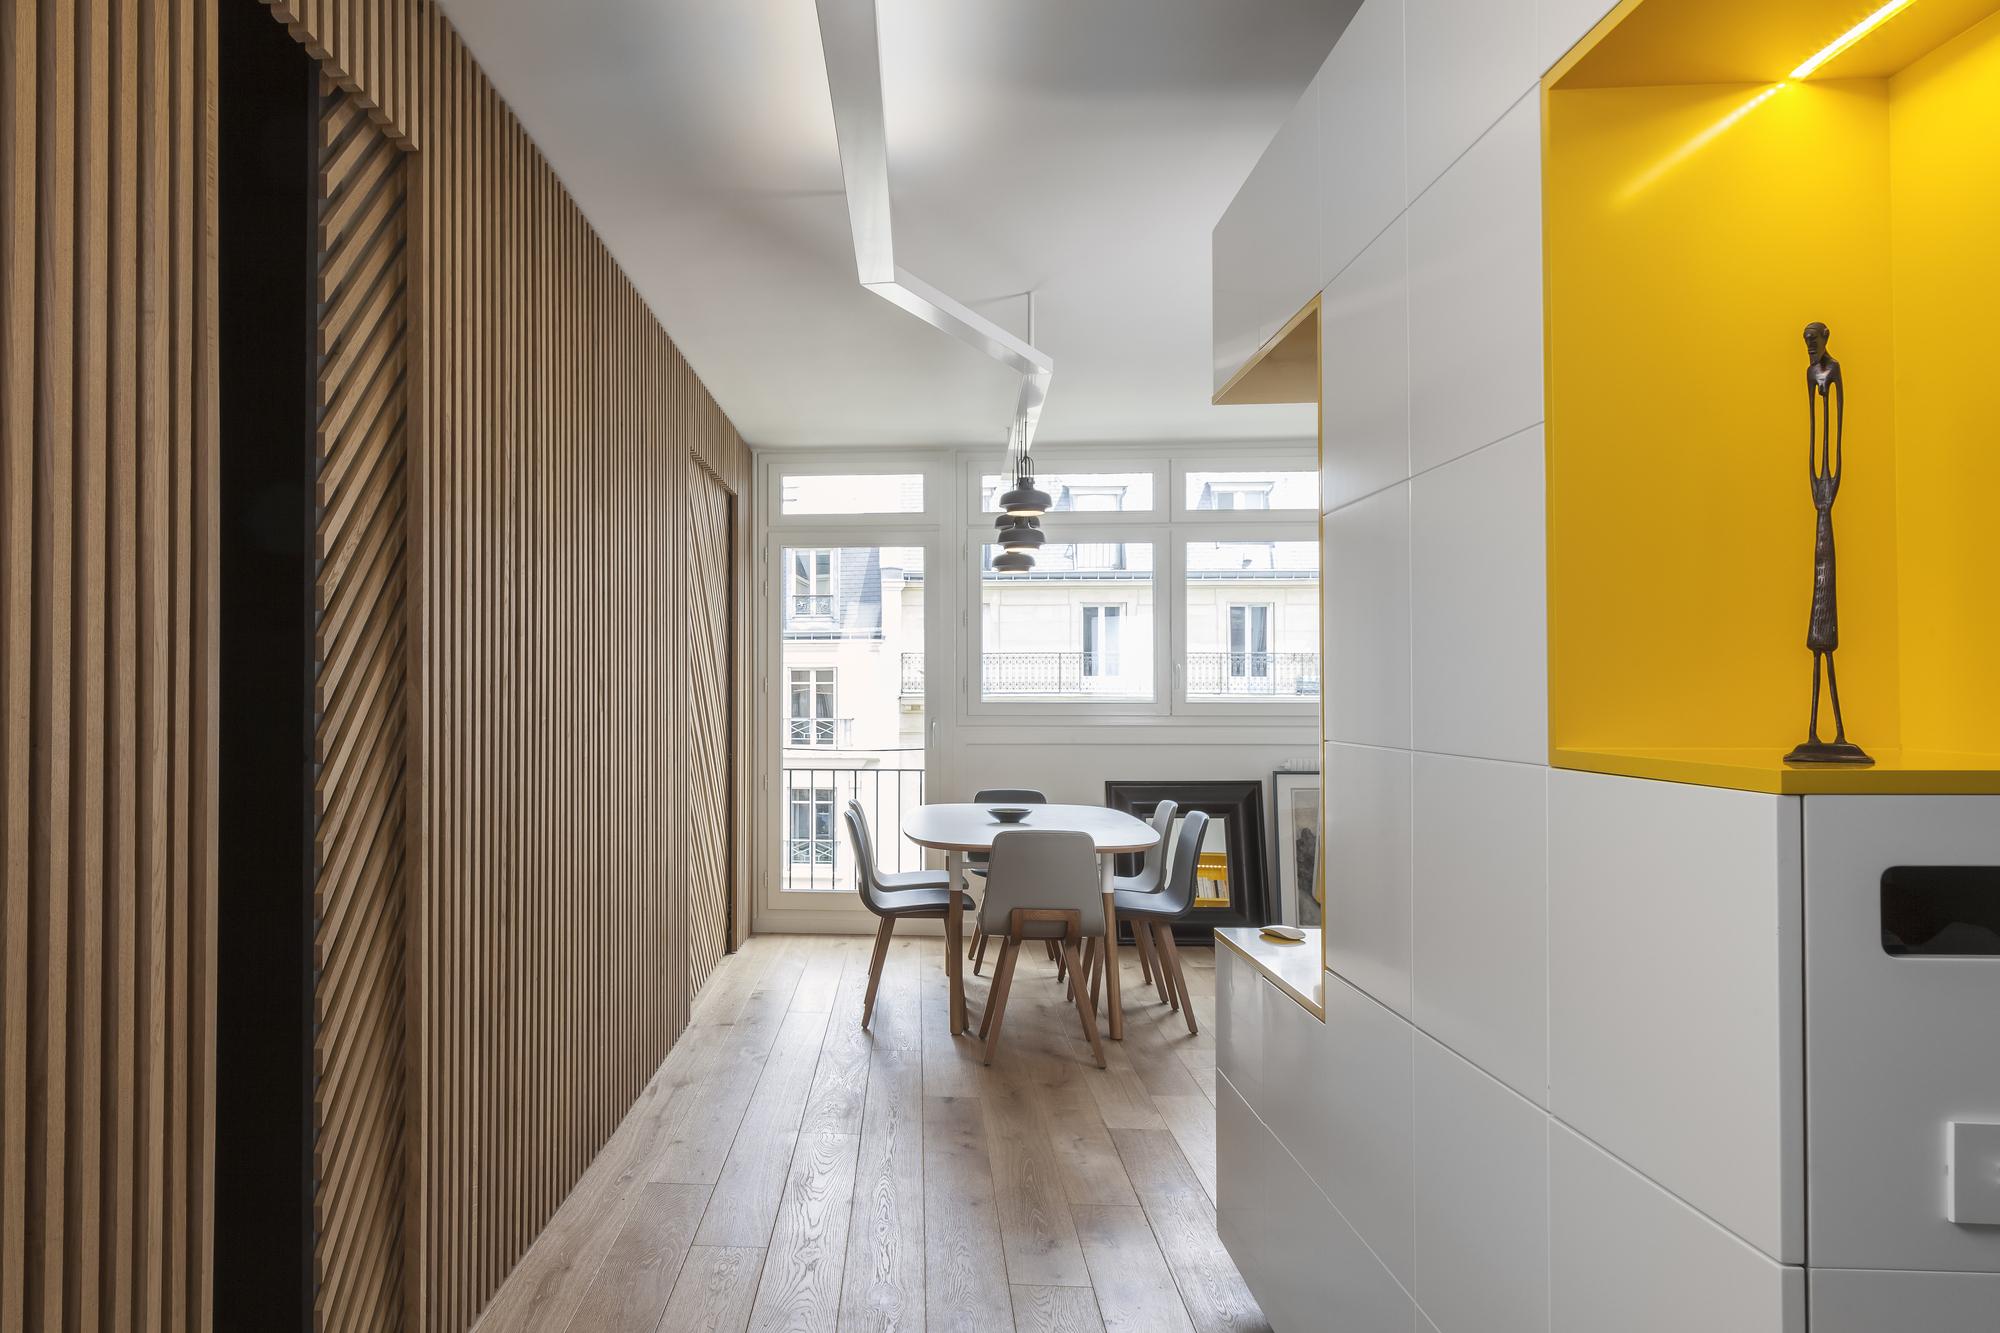 galer a de buttes chaumont glenn medioni 16. Black Bedroom Furniture Sets. Home Design Ideas